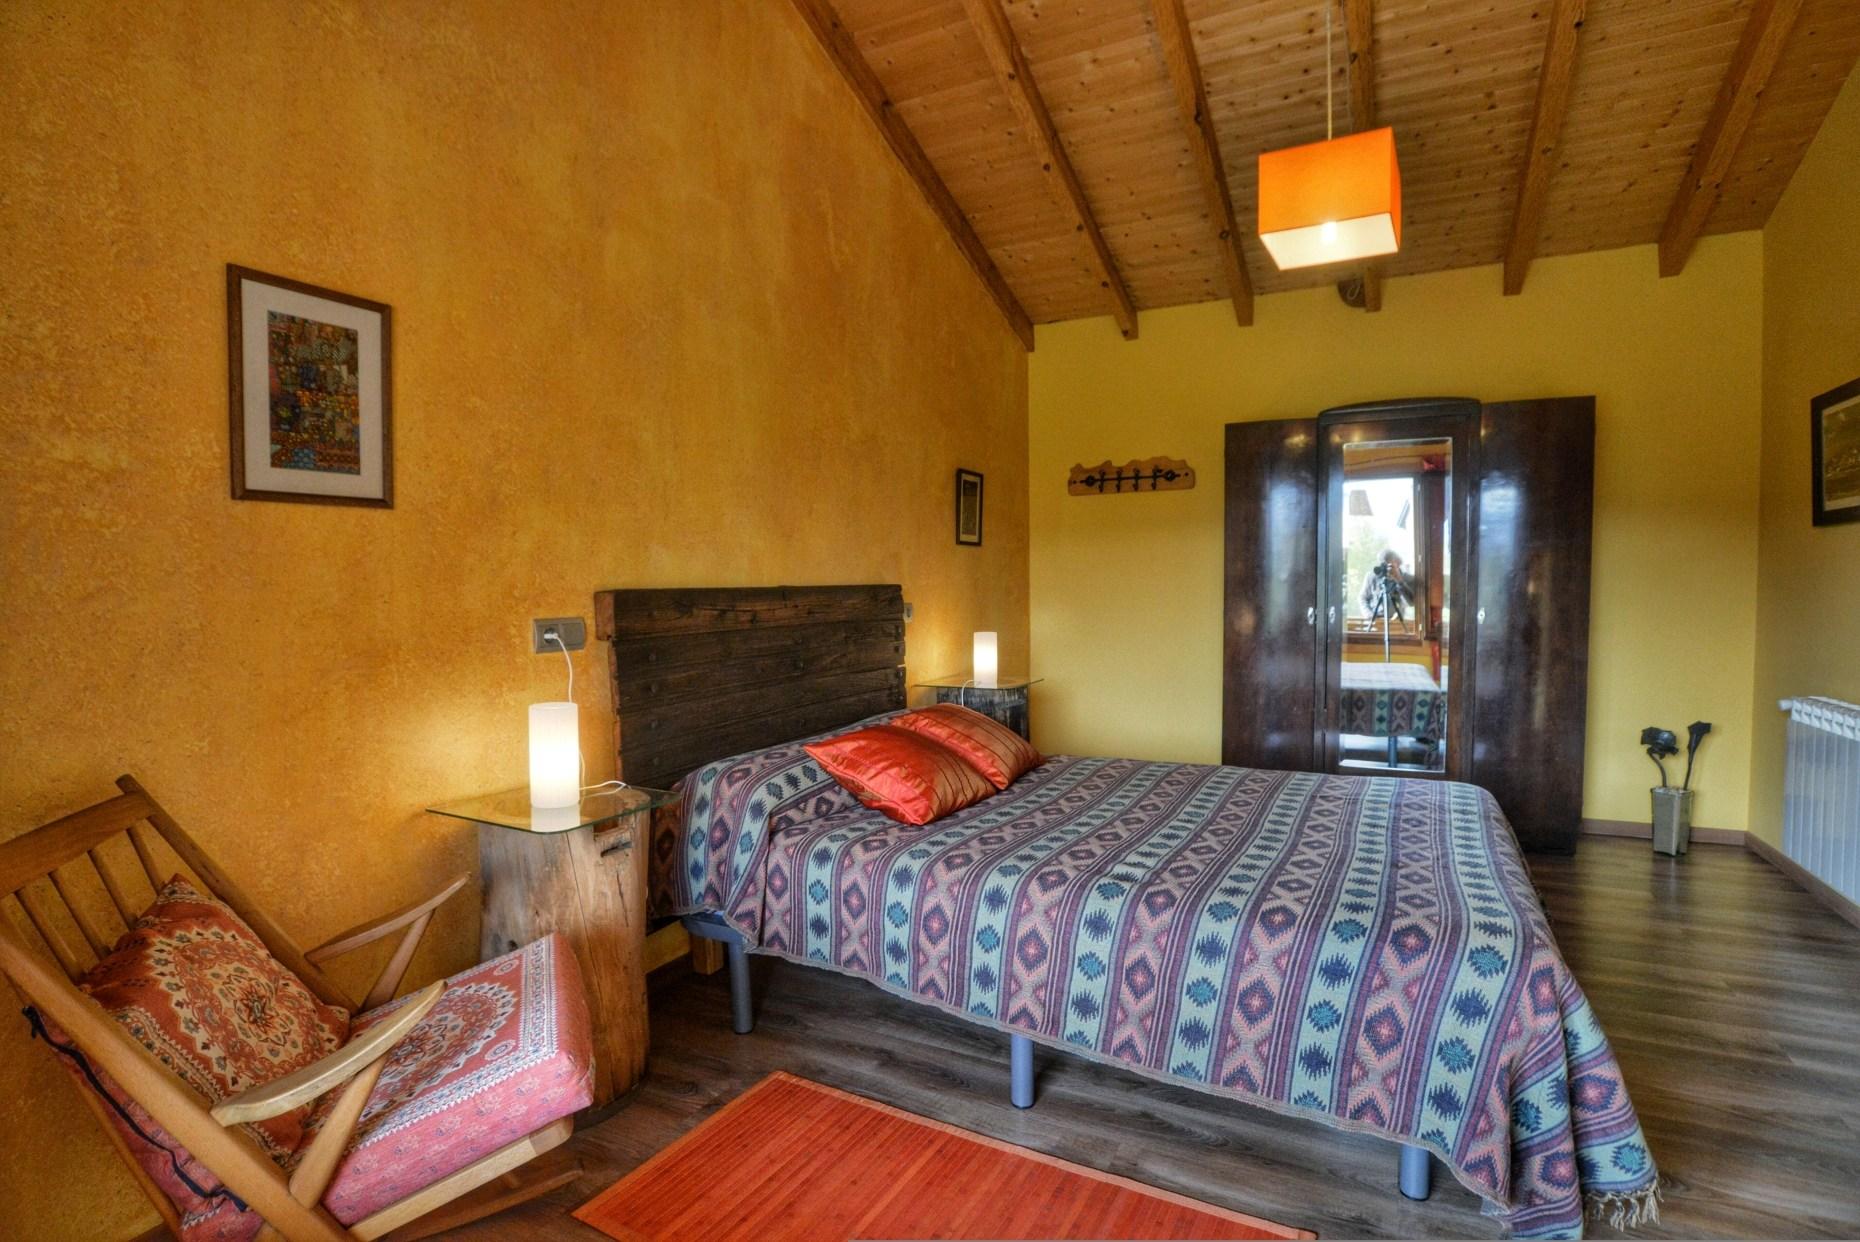 Casa rural El Encanto - El Mayulon - Amplia habitación dormitorio amarilla